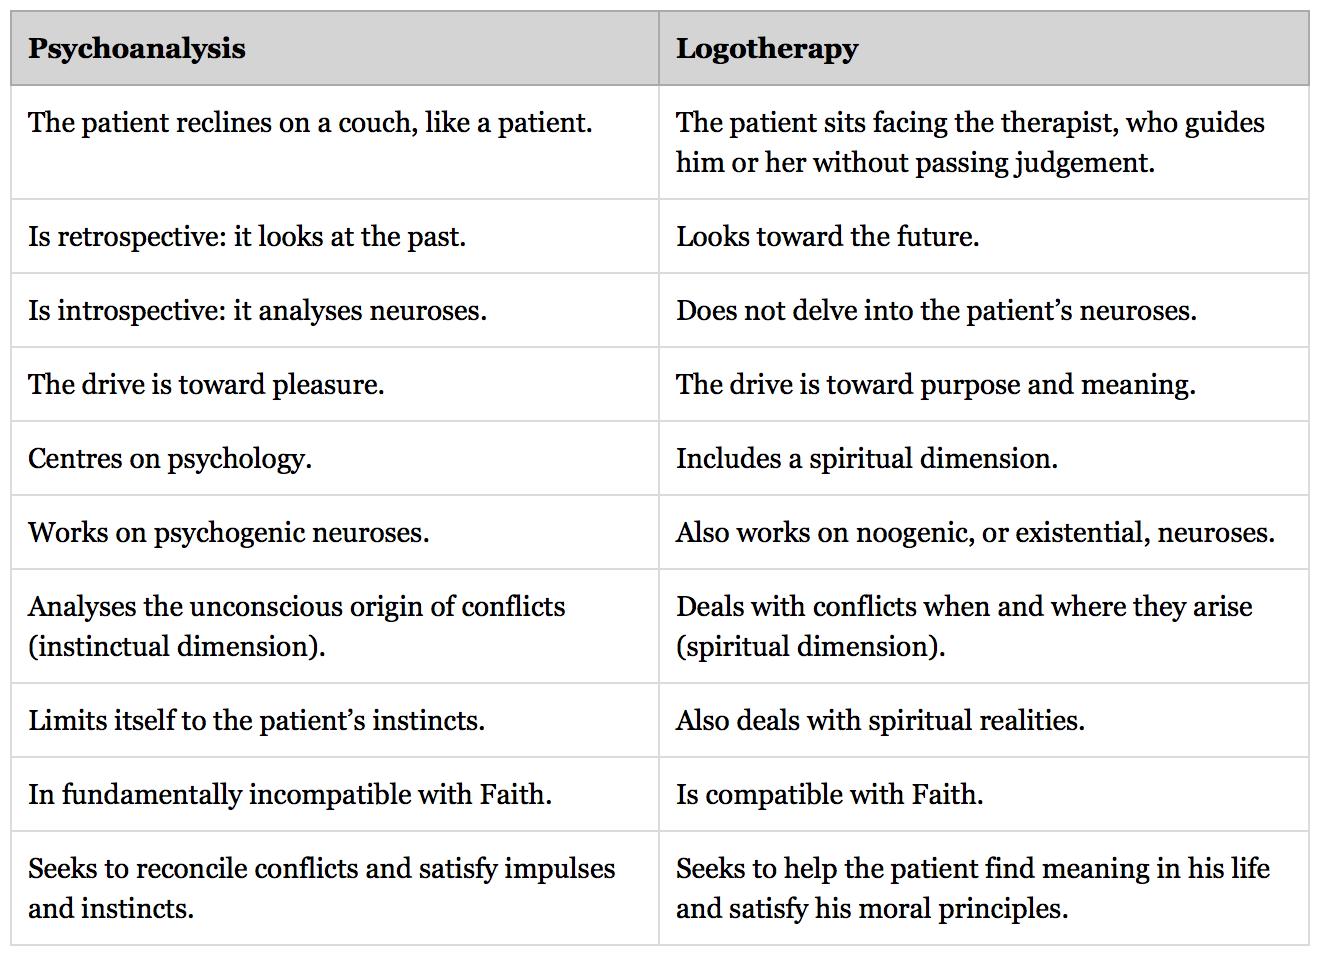 psychoanalysis-vs-logotherapy.png